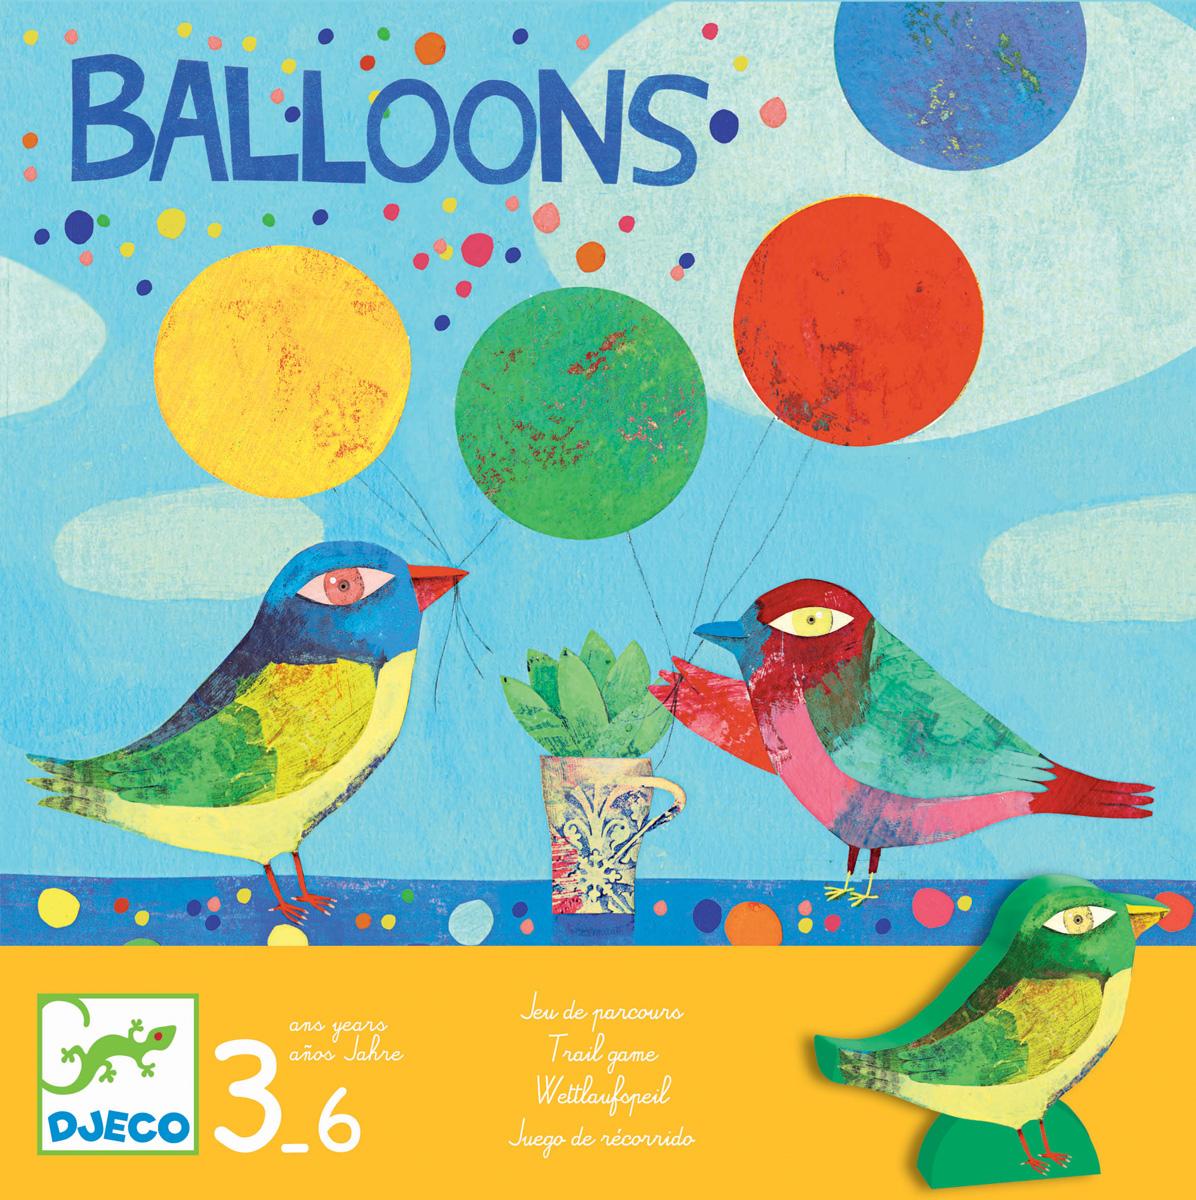 Djeco Настольная игра Воздушные шары08452Настольная игра Воздушные шары от известного французского производителя Djeco – веселая игра для детей возрастом от 3 до 6 лет! Игра развивает логическое мышление детей, воображение, внимание. Птички отправились на поиски воздушных шариков, которые уплыли далеко в небо. Кто из них первым вернет 4 шарика? Первая настольная вашего малыша от Djeco запомнится ему благодаря уникальному дизайну и простым, но одновременно увлекательным правилам! Количество игроков: 3-6 человек. Примерное время игры: 5 минут.